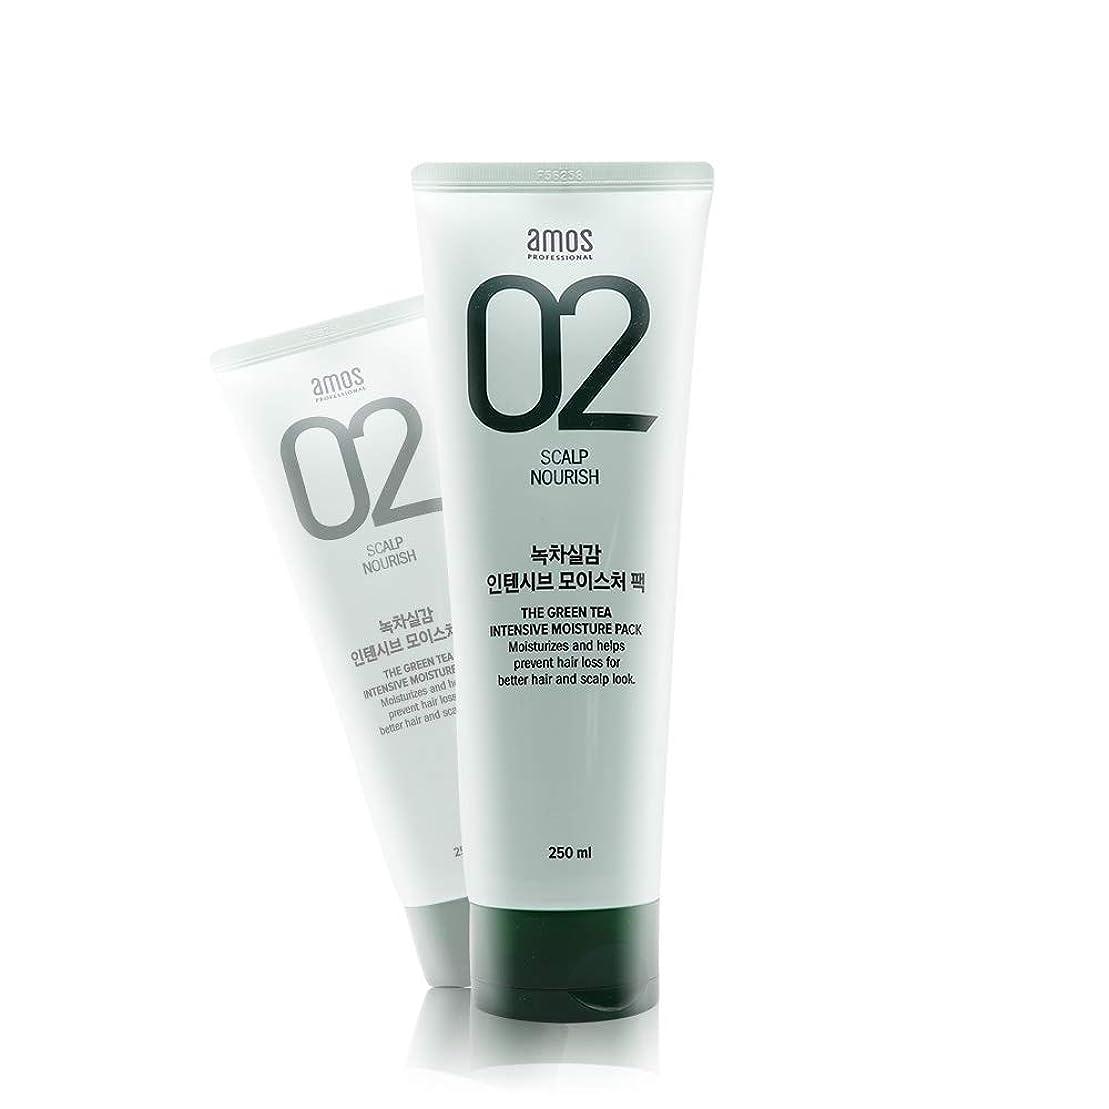 同情放課後虚栄心アモス AMOS 緑茶実感インテンシブモイスチャーパック 250g, Feel the Green Tea Intensive Moisture Hair Pack